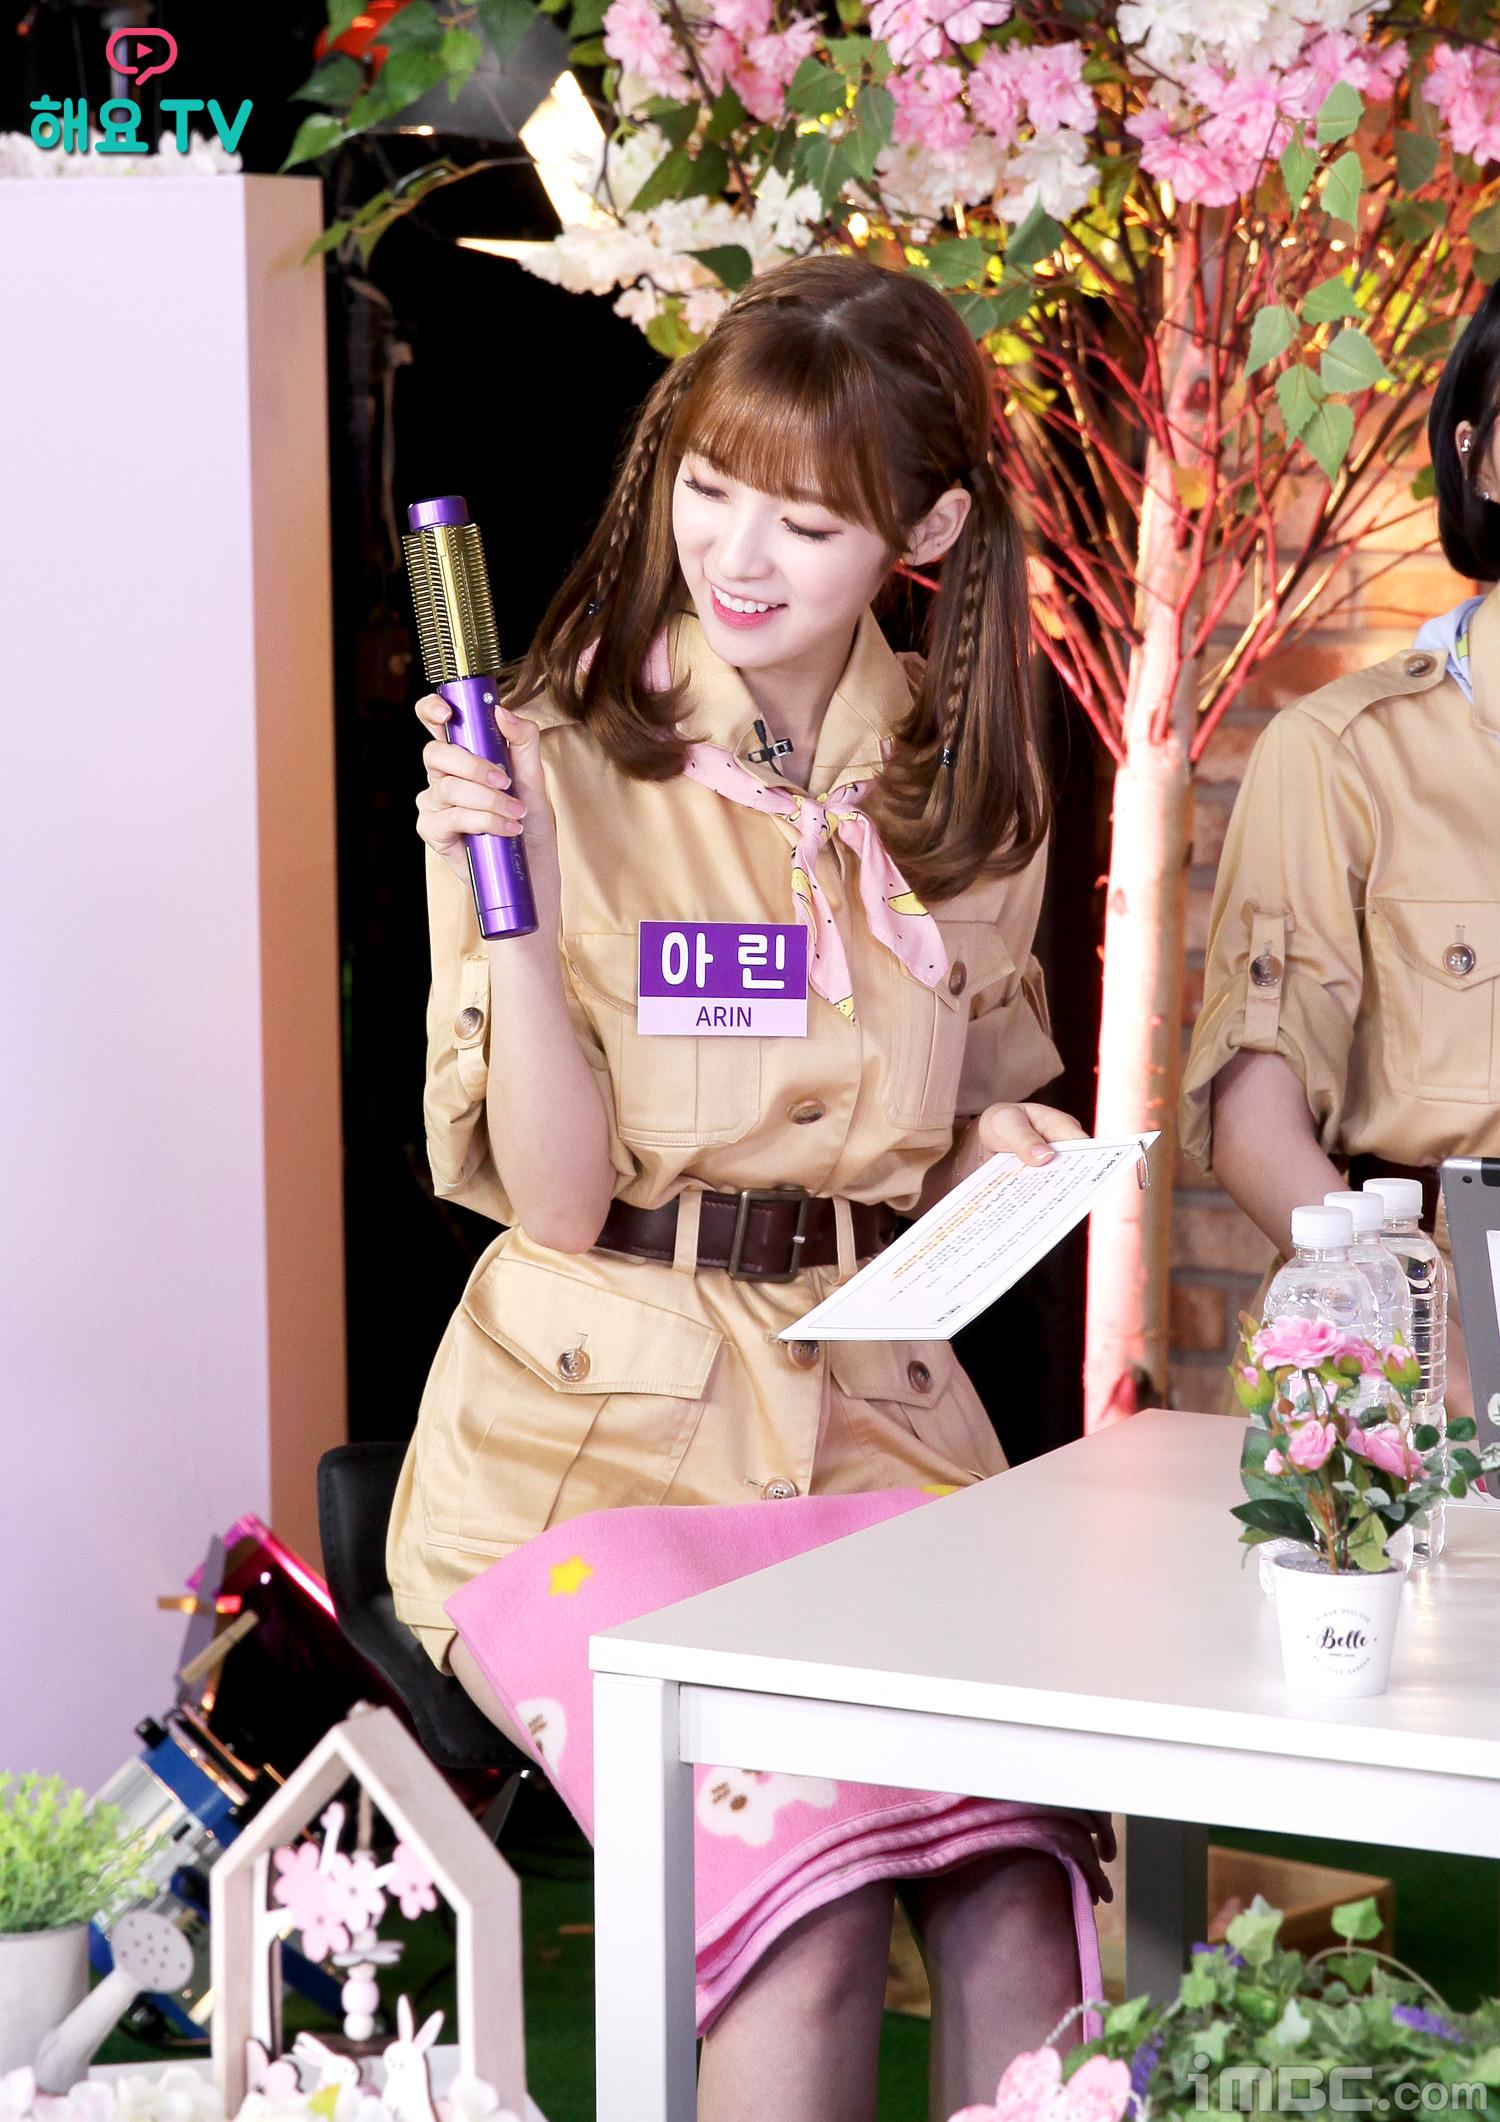 [비하인드①] 오마이걸의 PPL 200% 활용법! 광고주님들 연락바람 (해요TV-오마이걸의 사생활 1화)